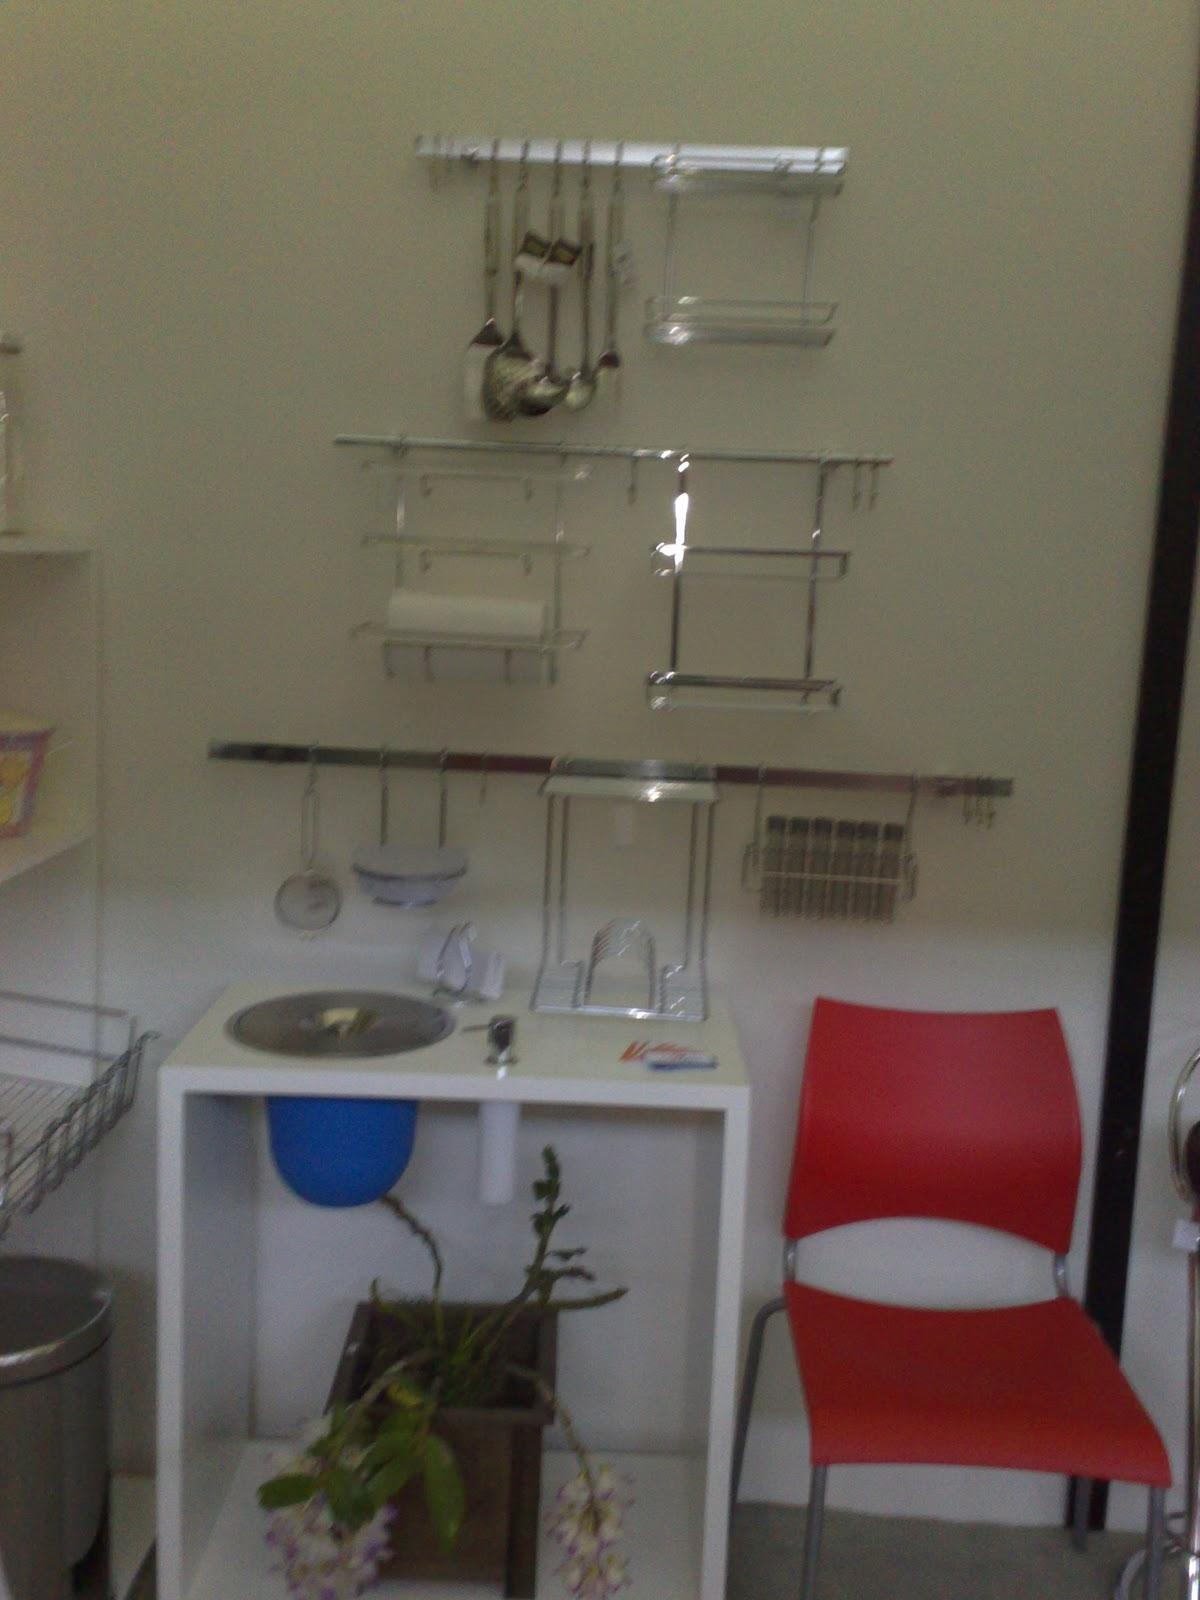 acessórios de cozinha linha zen de banho porta guardanapos e #223A65 1200x1600 Acessorios Para Decorar Banheiro